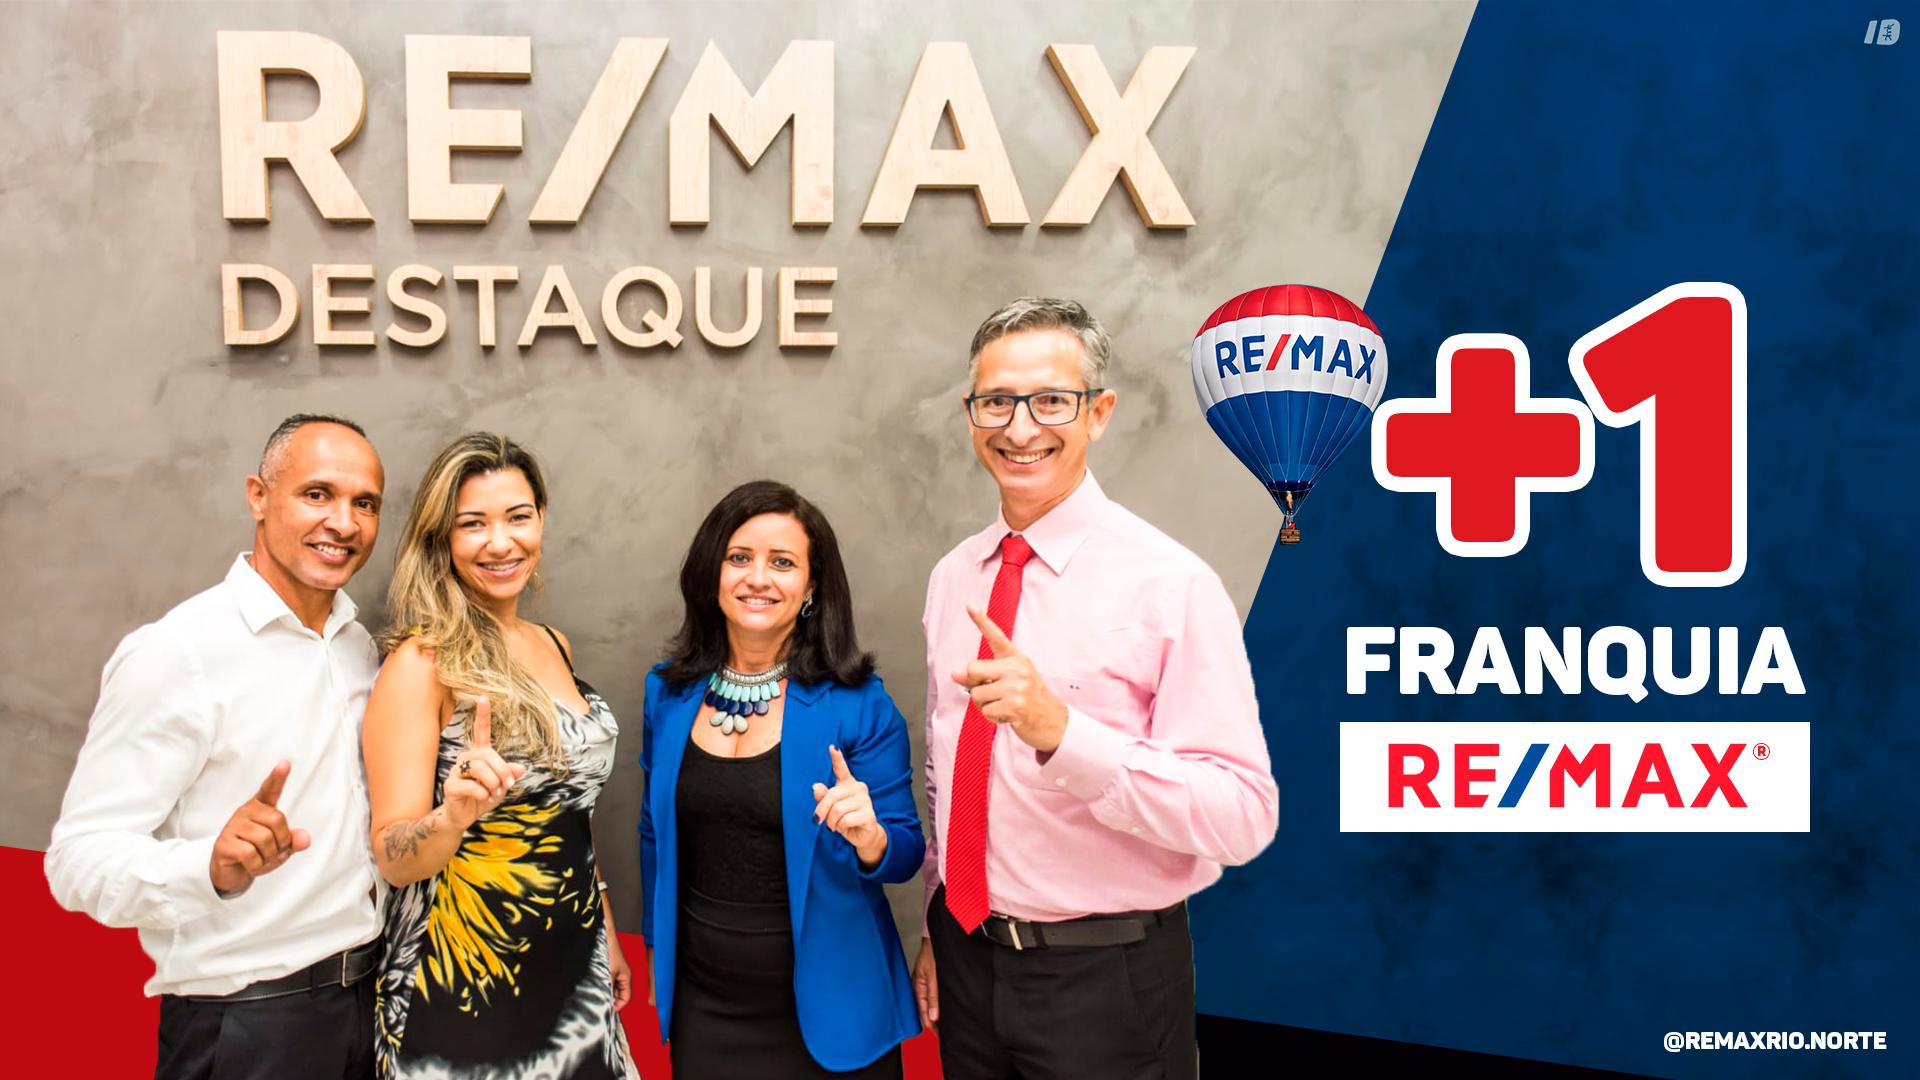 Méier receberá nova unidade da franquia internacional REMAX